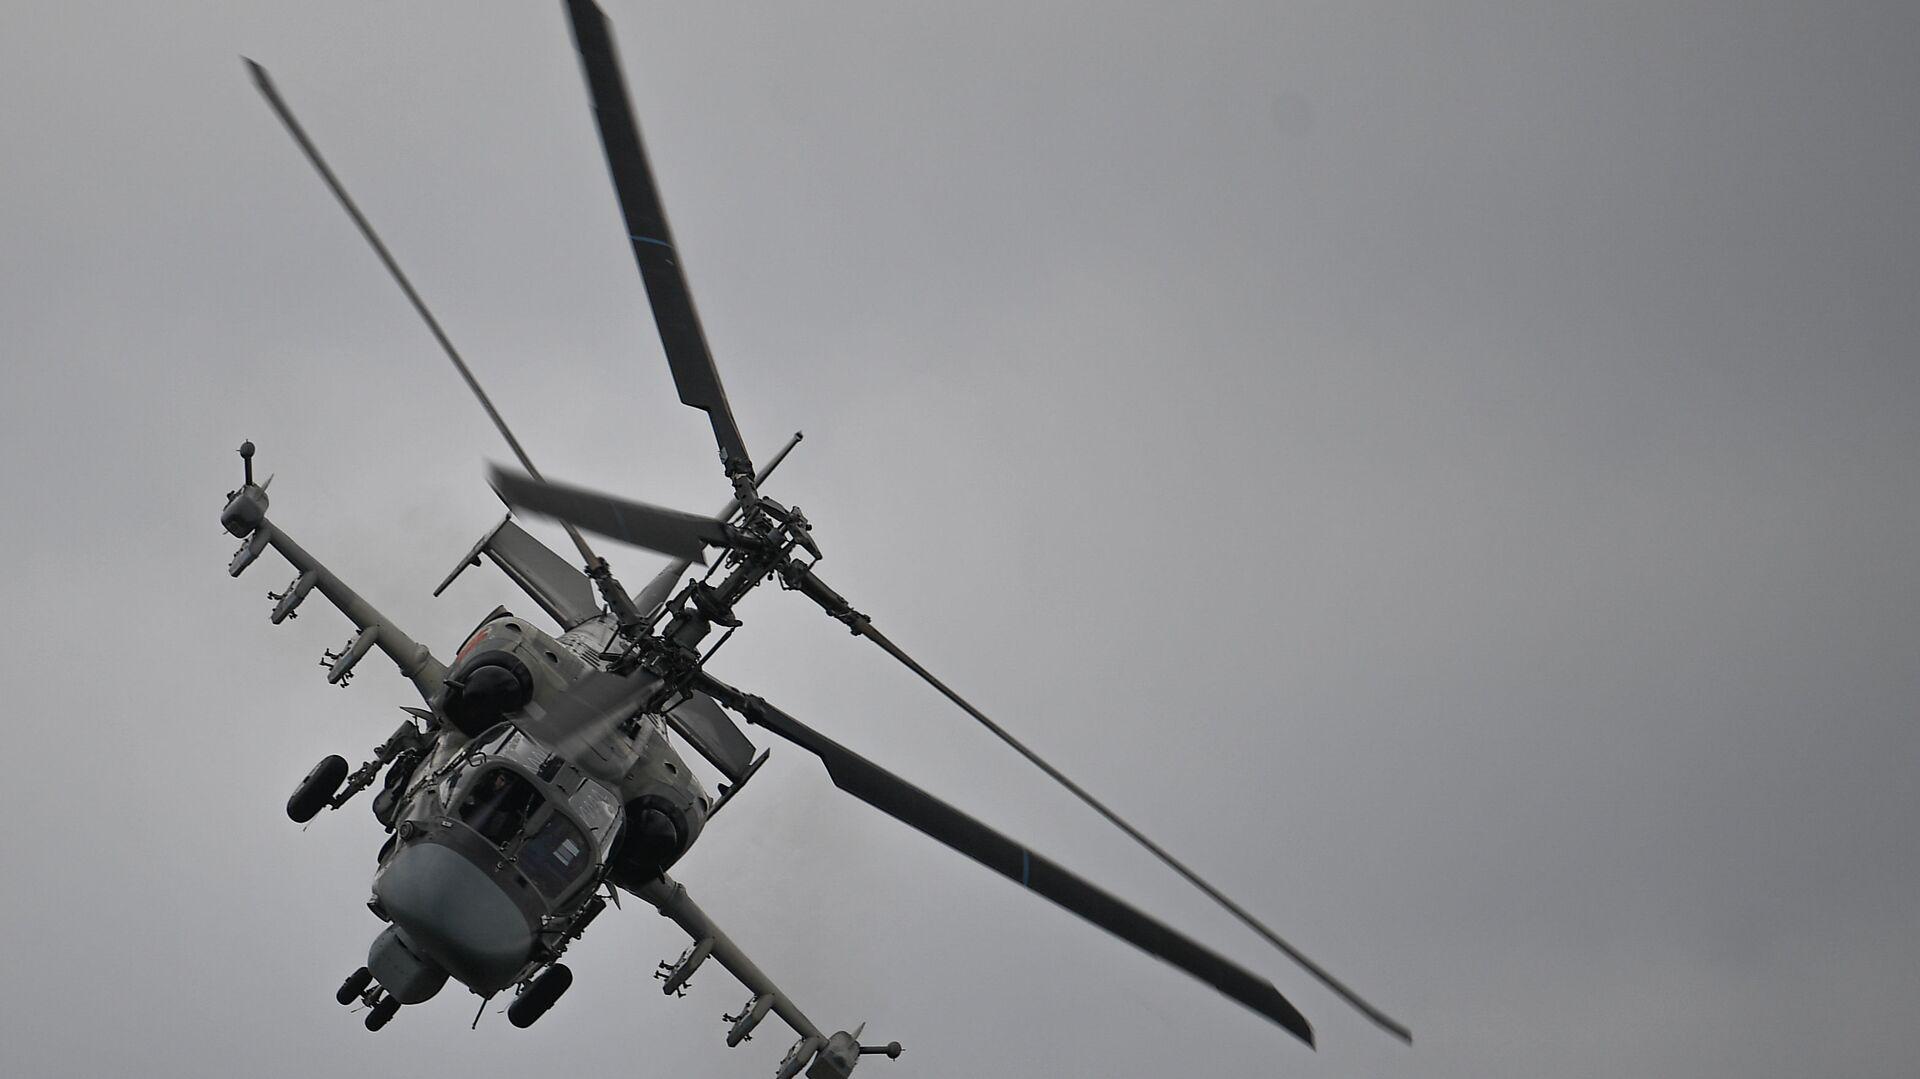 Ударный вертолет Ка-52 Аллигатор выполняет демонстрационный полет в рамках Международного форума Армия-2020 на аэродроме Кубинка в Подмосковье - Sputnik Italia, 1920, 04.09.2021